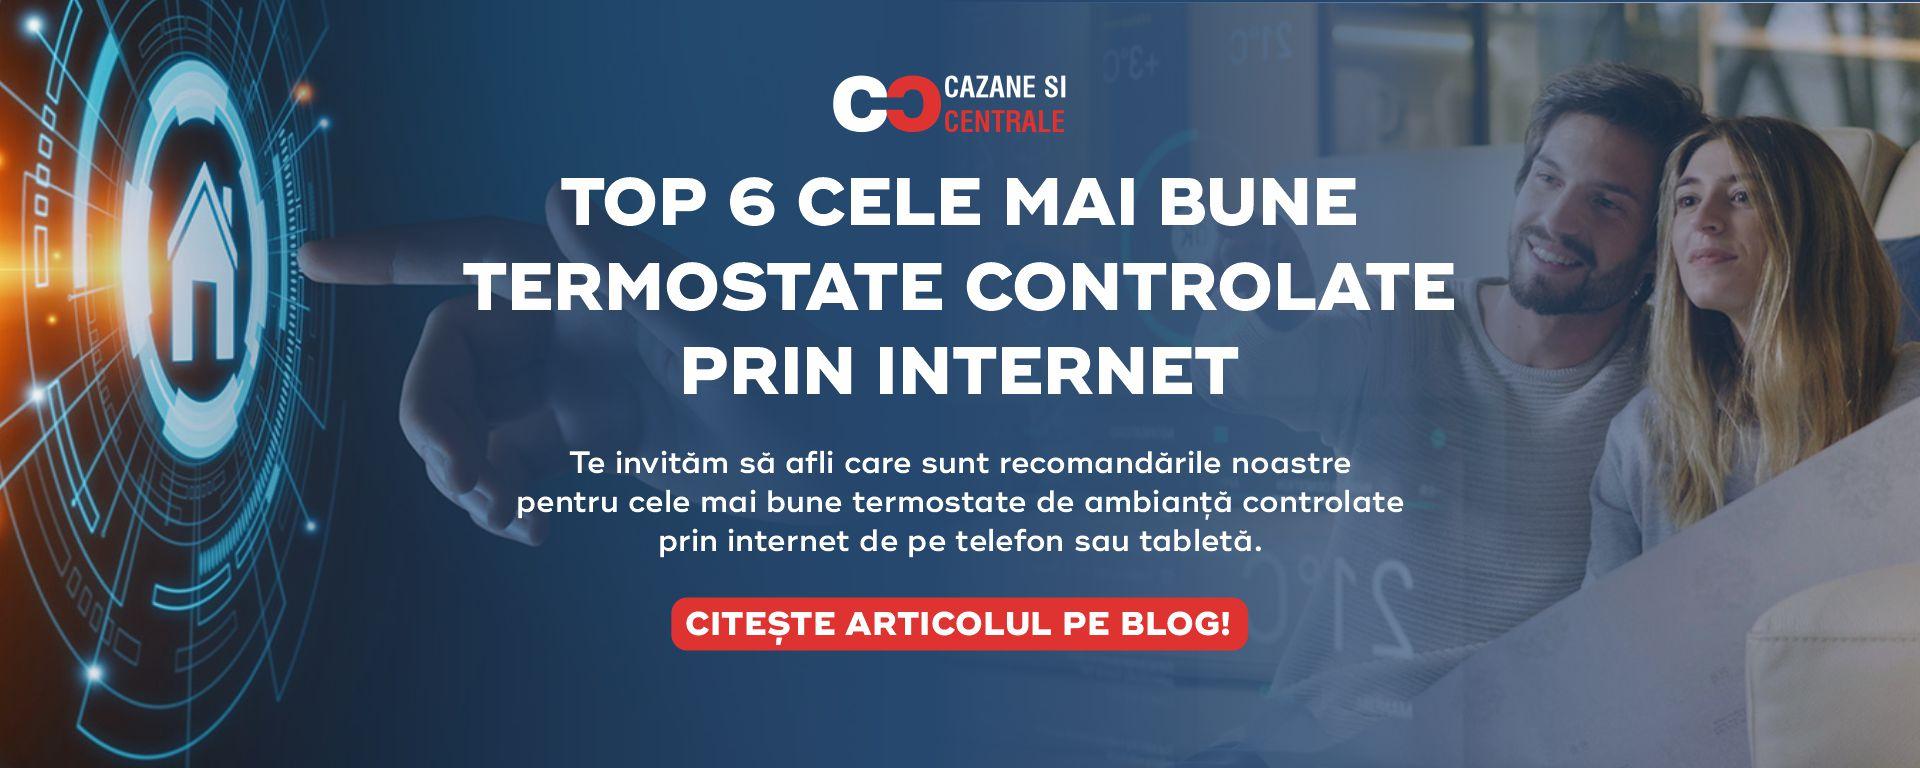 Articol Top 6 cele mai bune termostate controlate prin internet